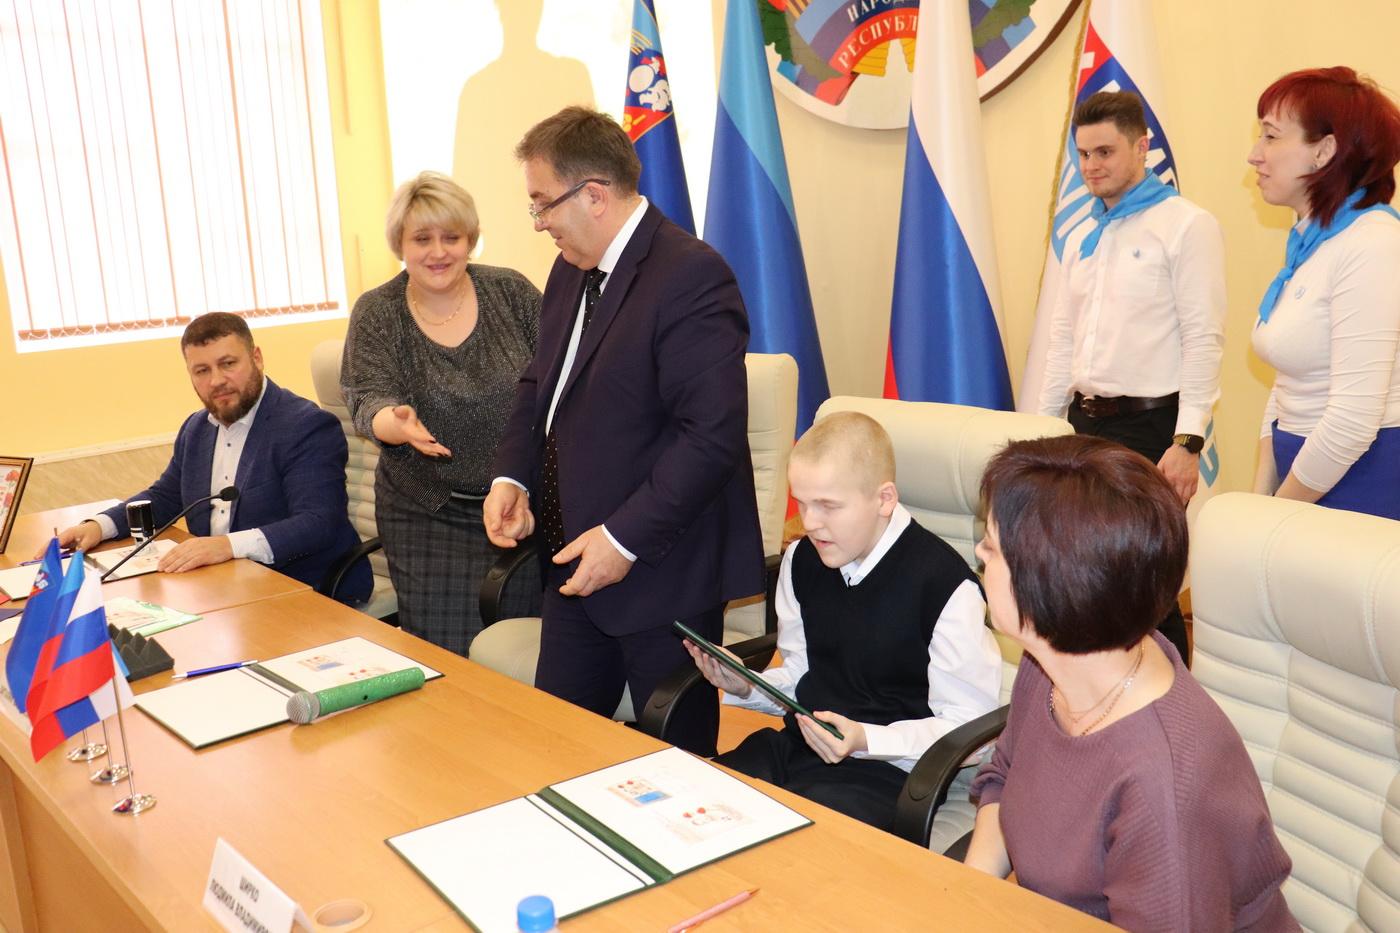 В Перевальске провели церемонию по специальному гашению почтовых марок в честь памяти воина, защитника Донбасса Ширко Геннадия